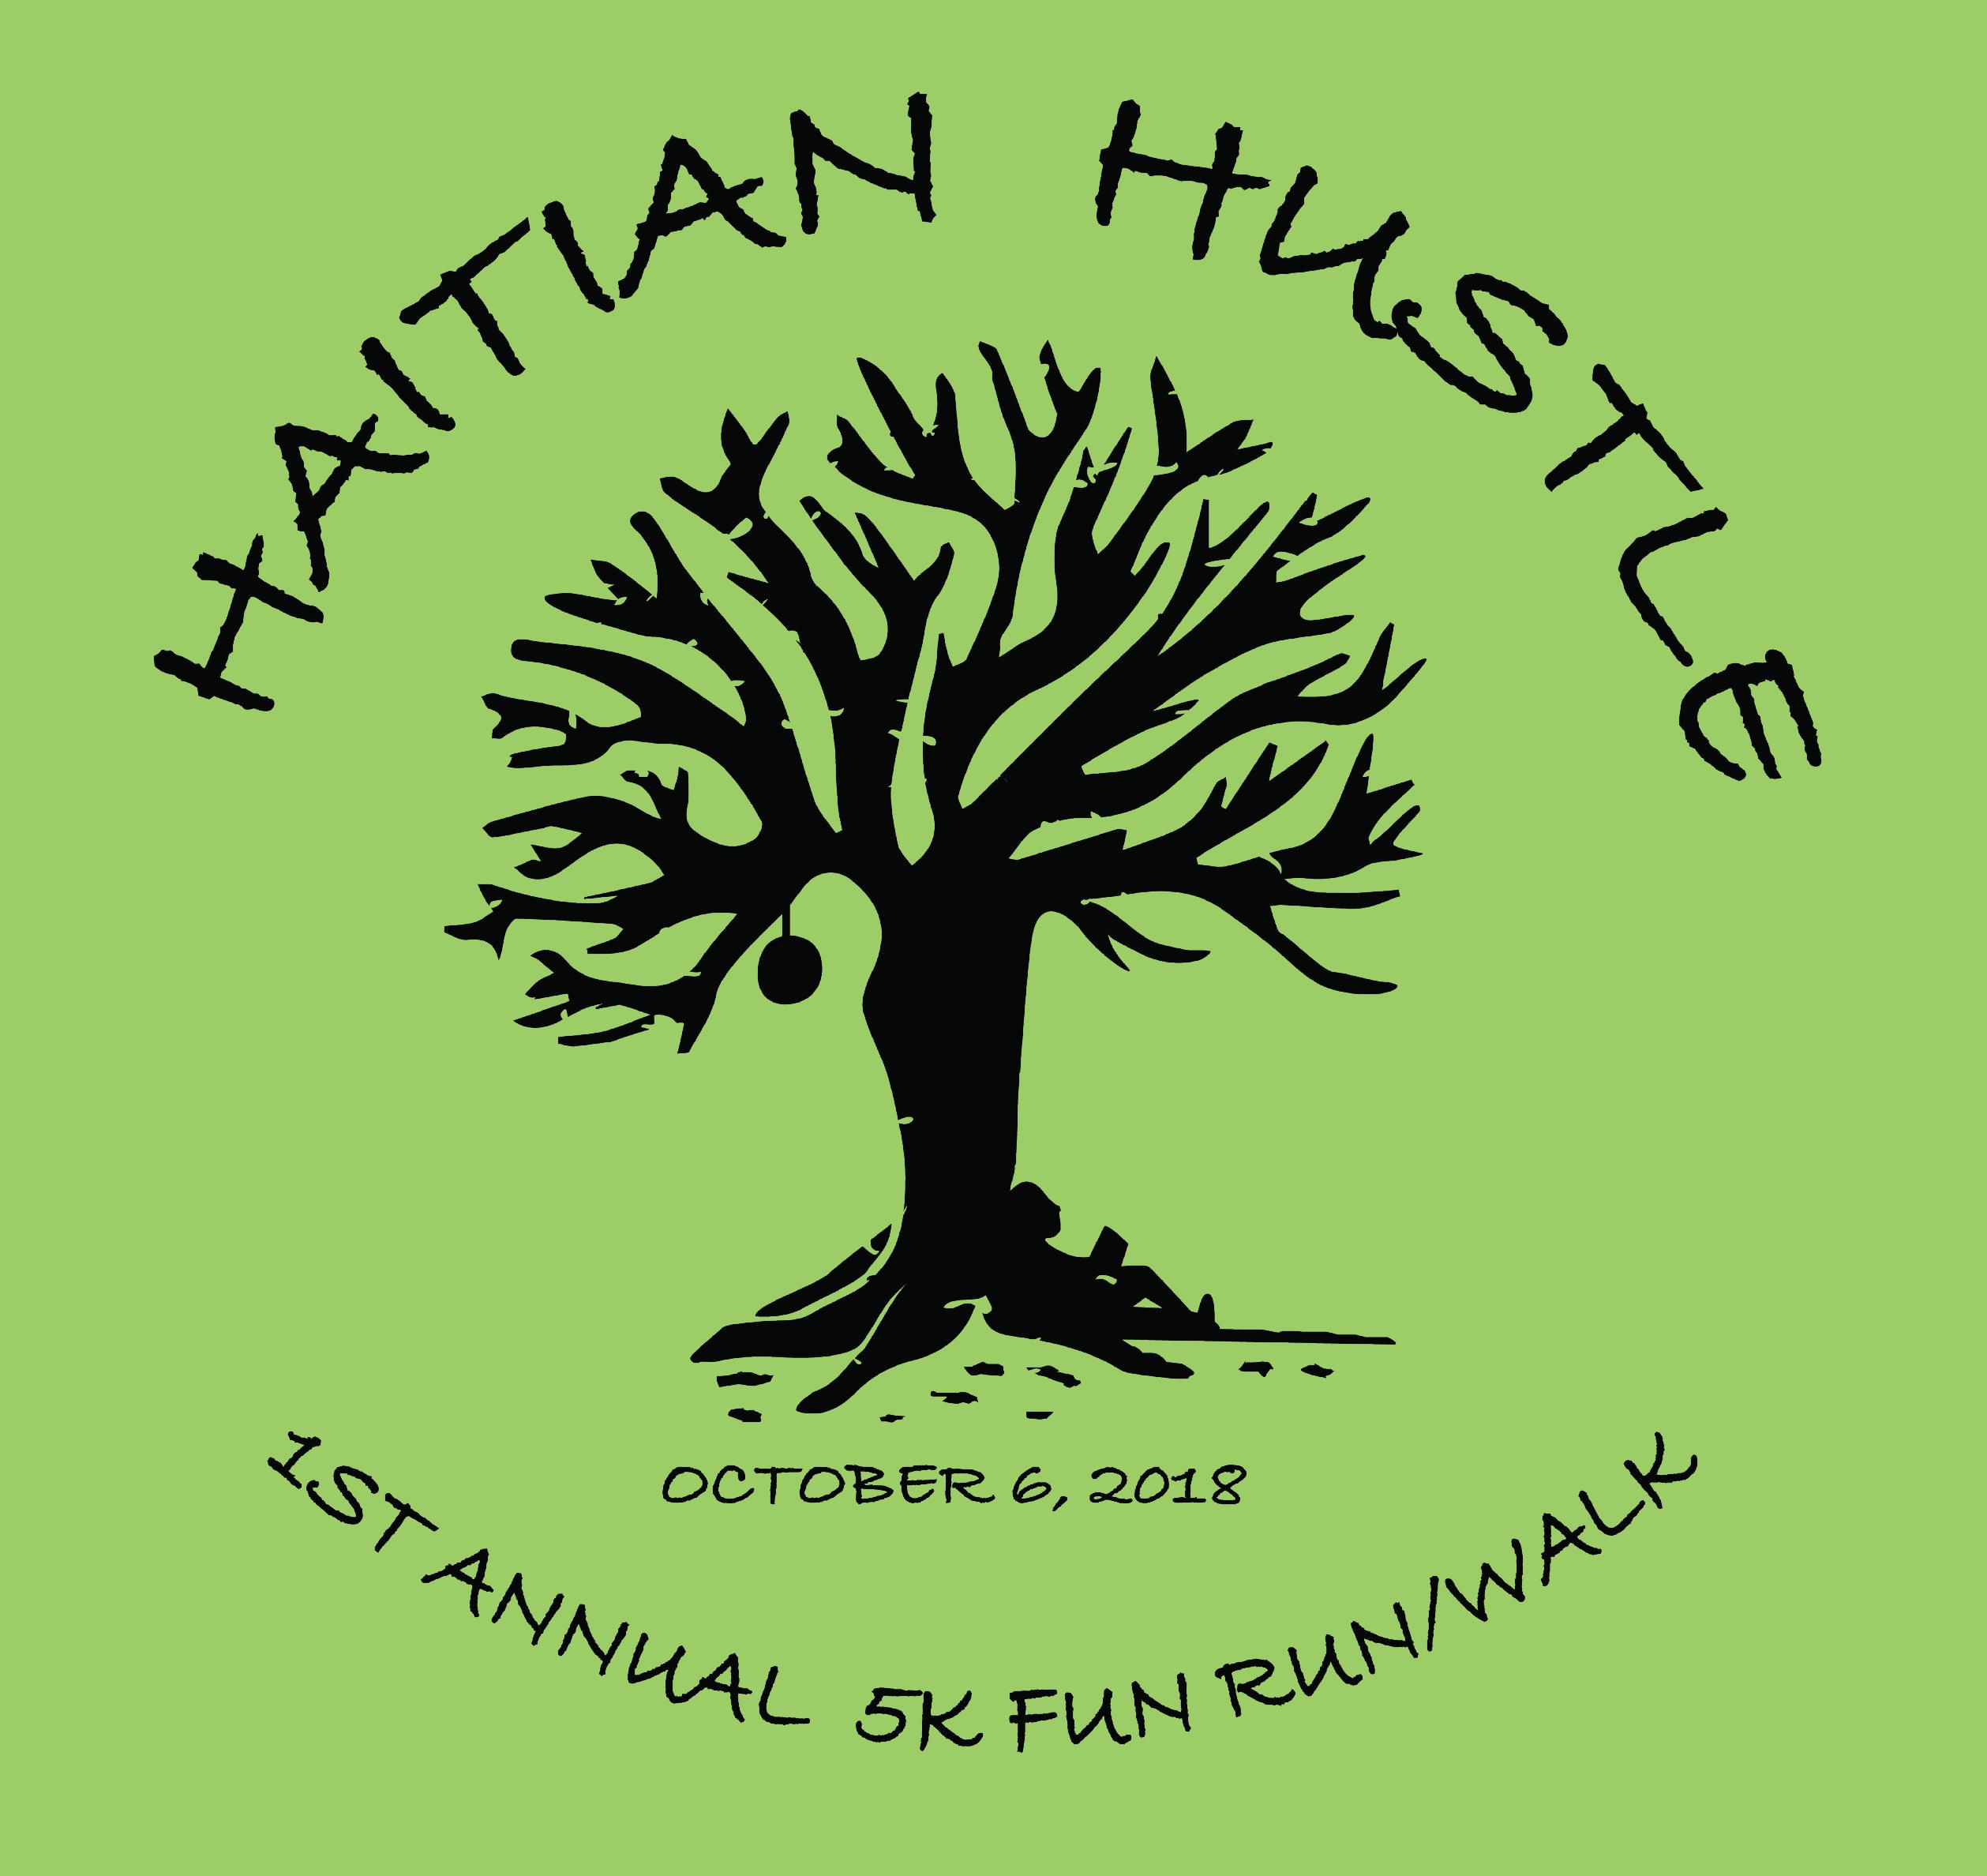 Haitian hustle logo for registration